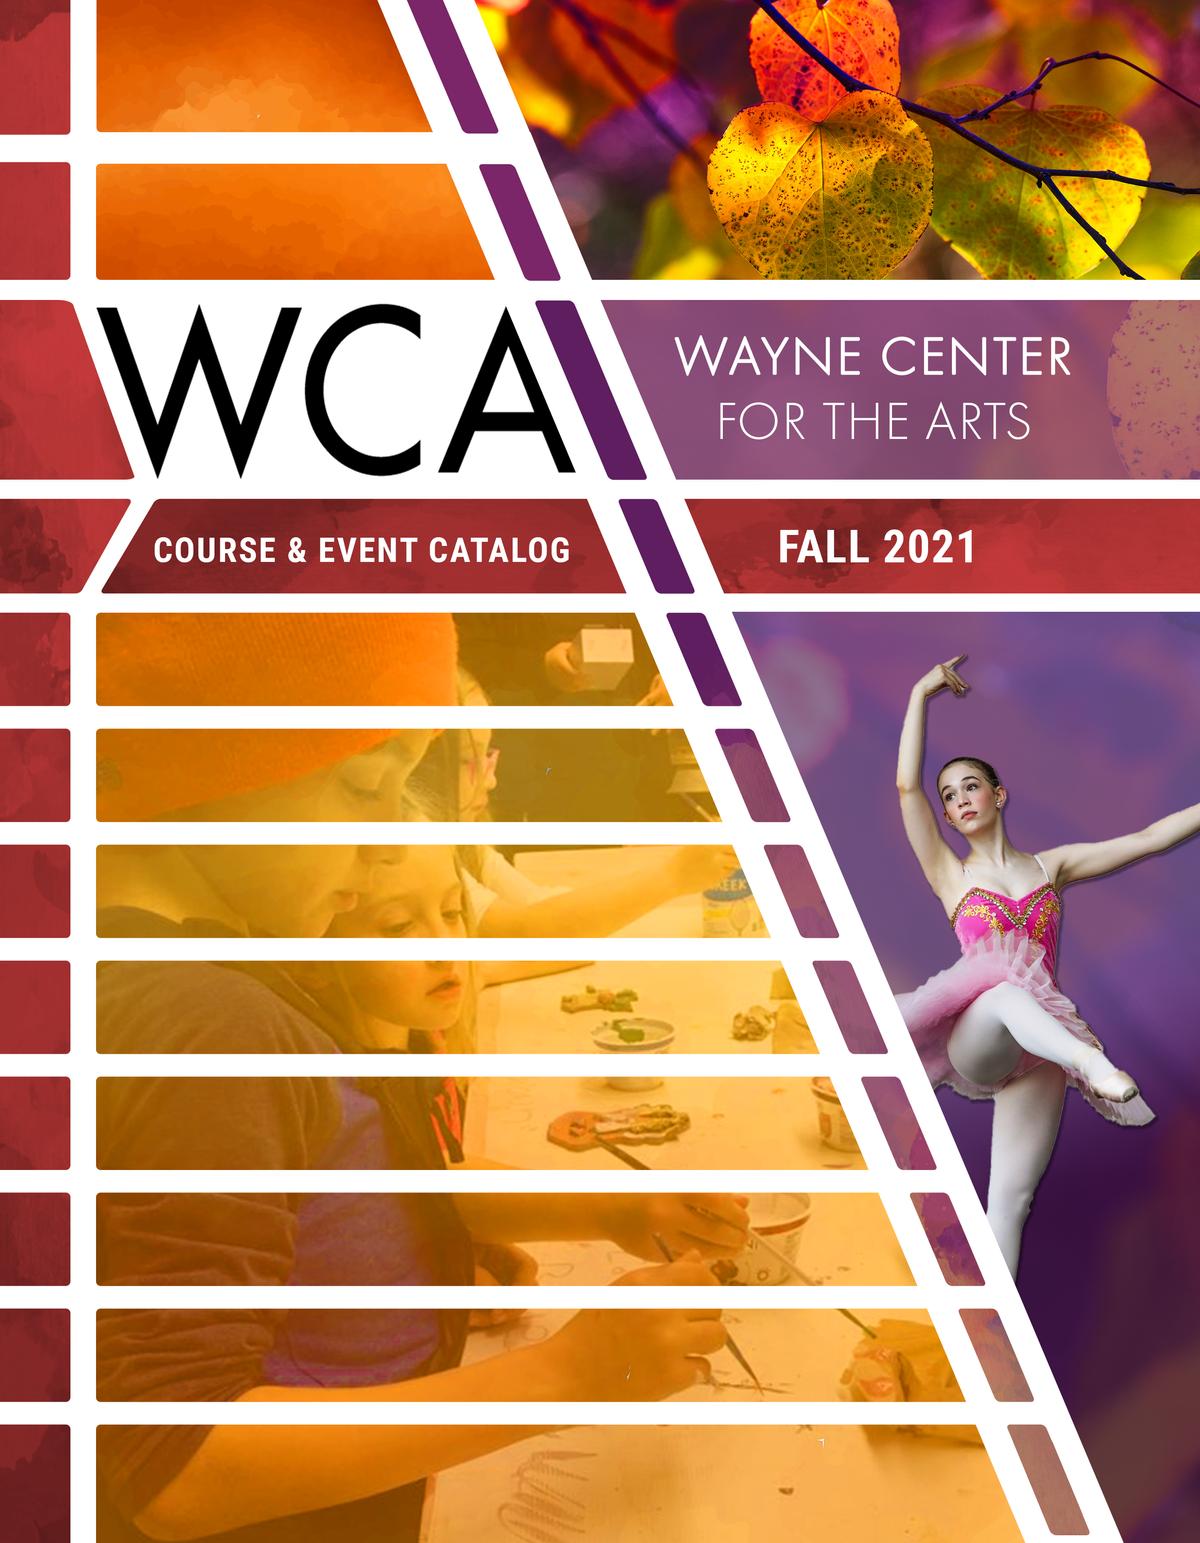 WCA 2021 Fall Course & Event Catalog